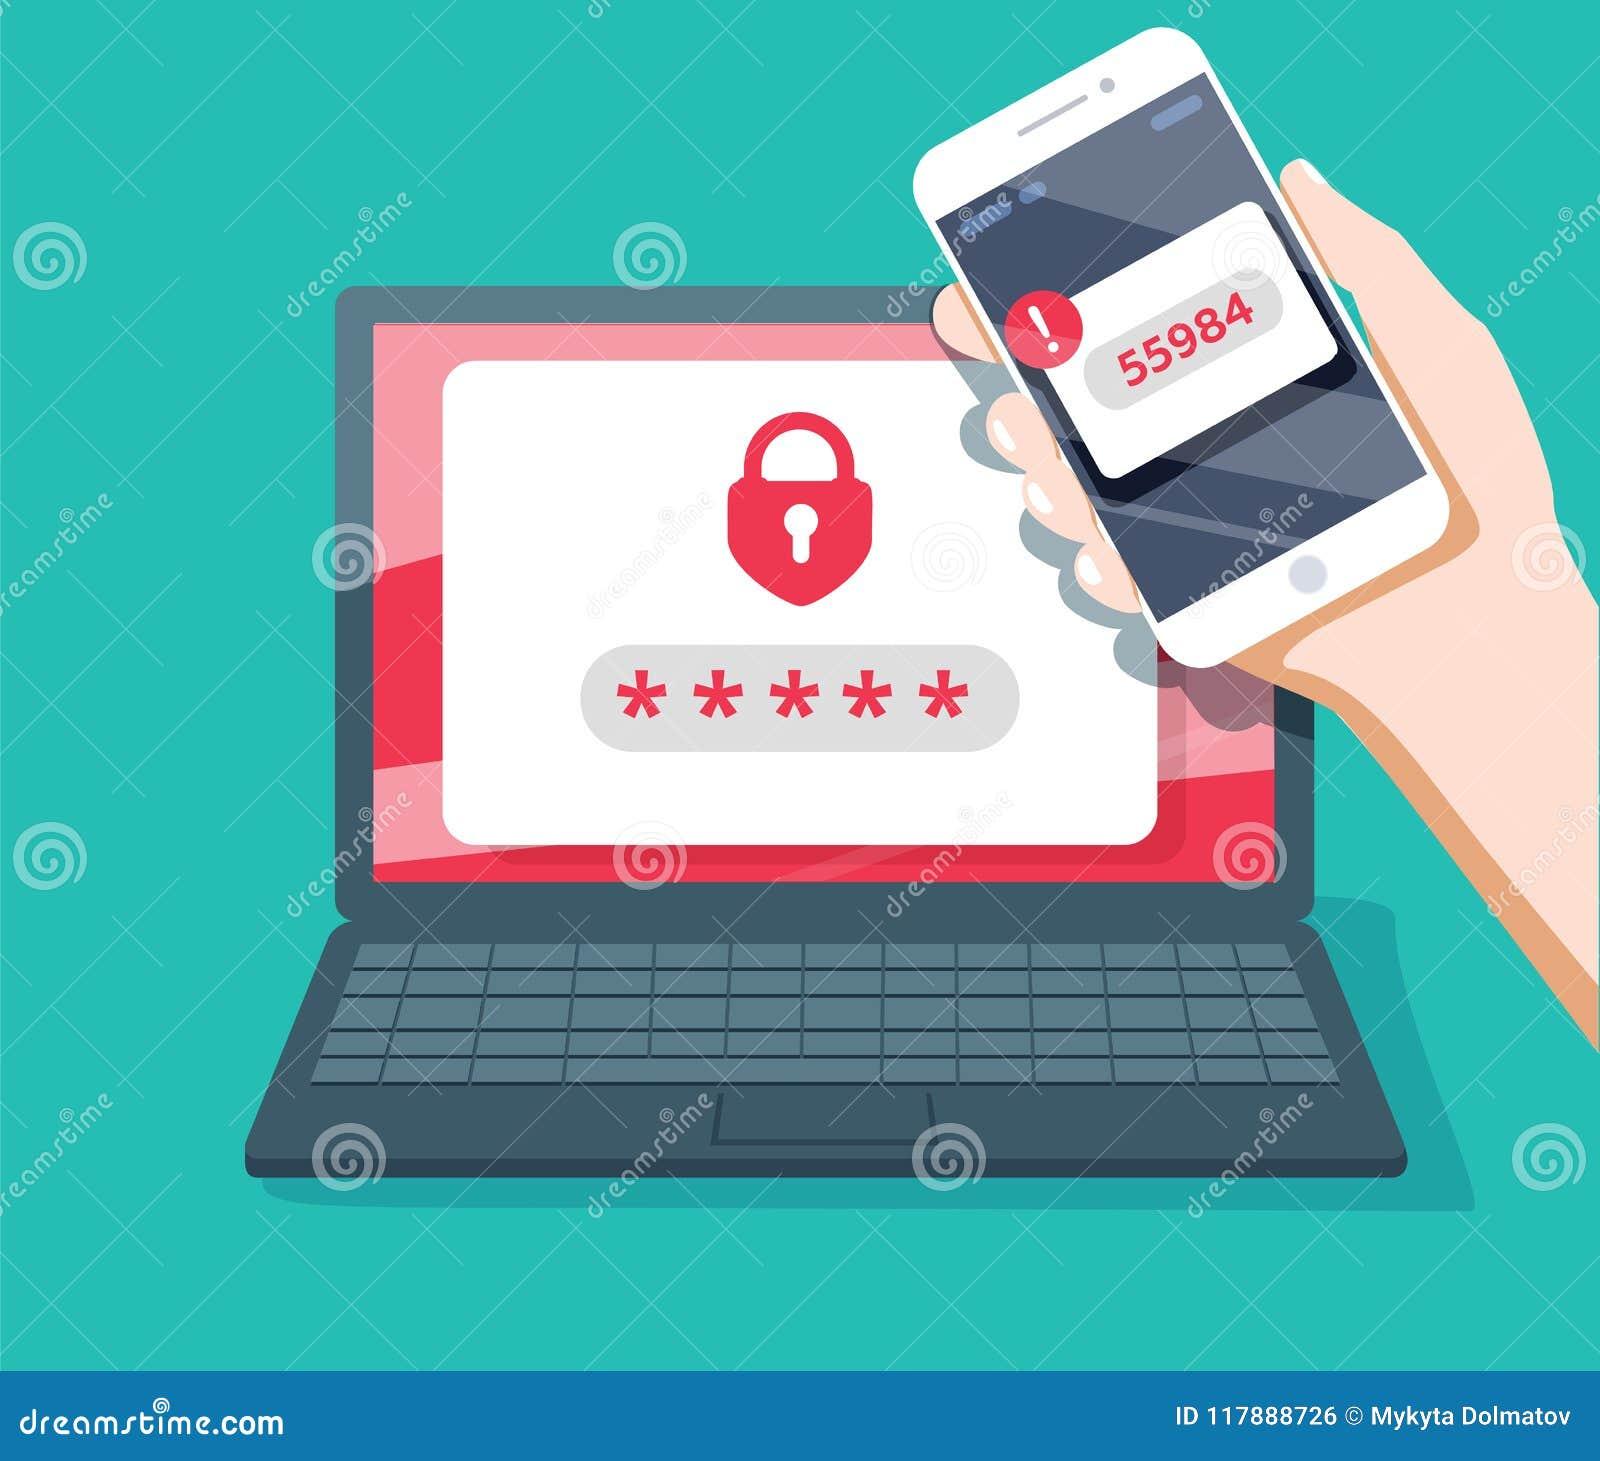 Σε δύο στάδια διανυσματική απεικόνιση επικύρωσης, επίπεδες smartphone κινούμενων σχεδίων και σύνδεση ασφάλειας υπολογιστών ή sign